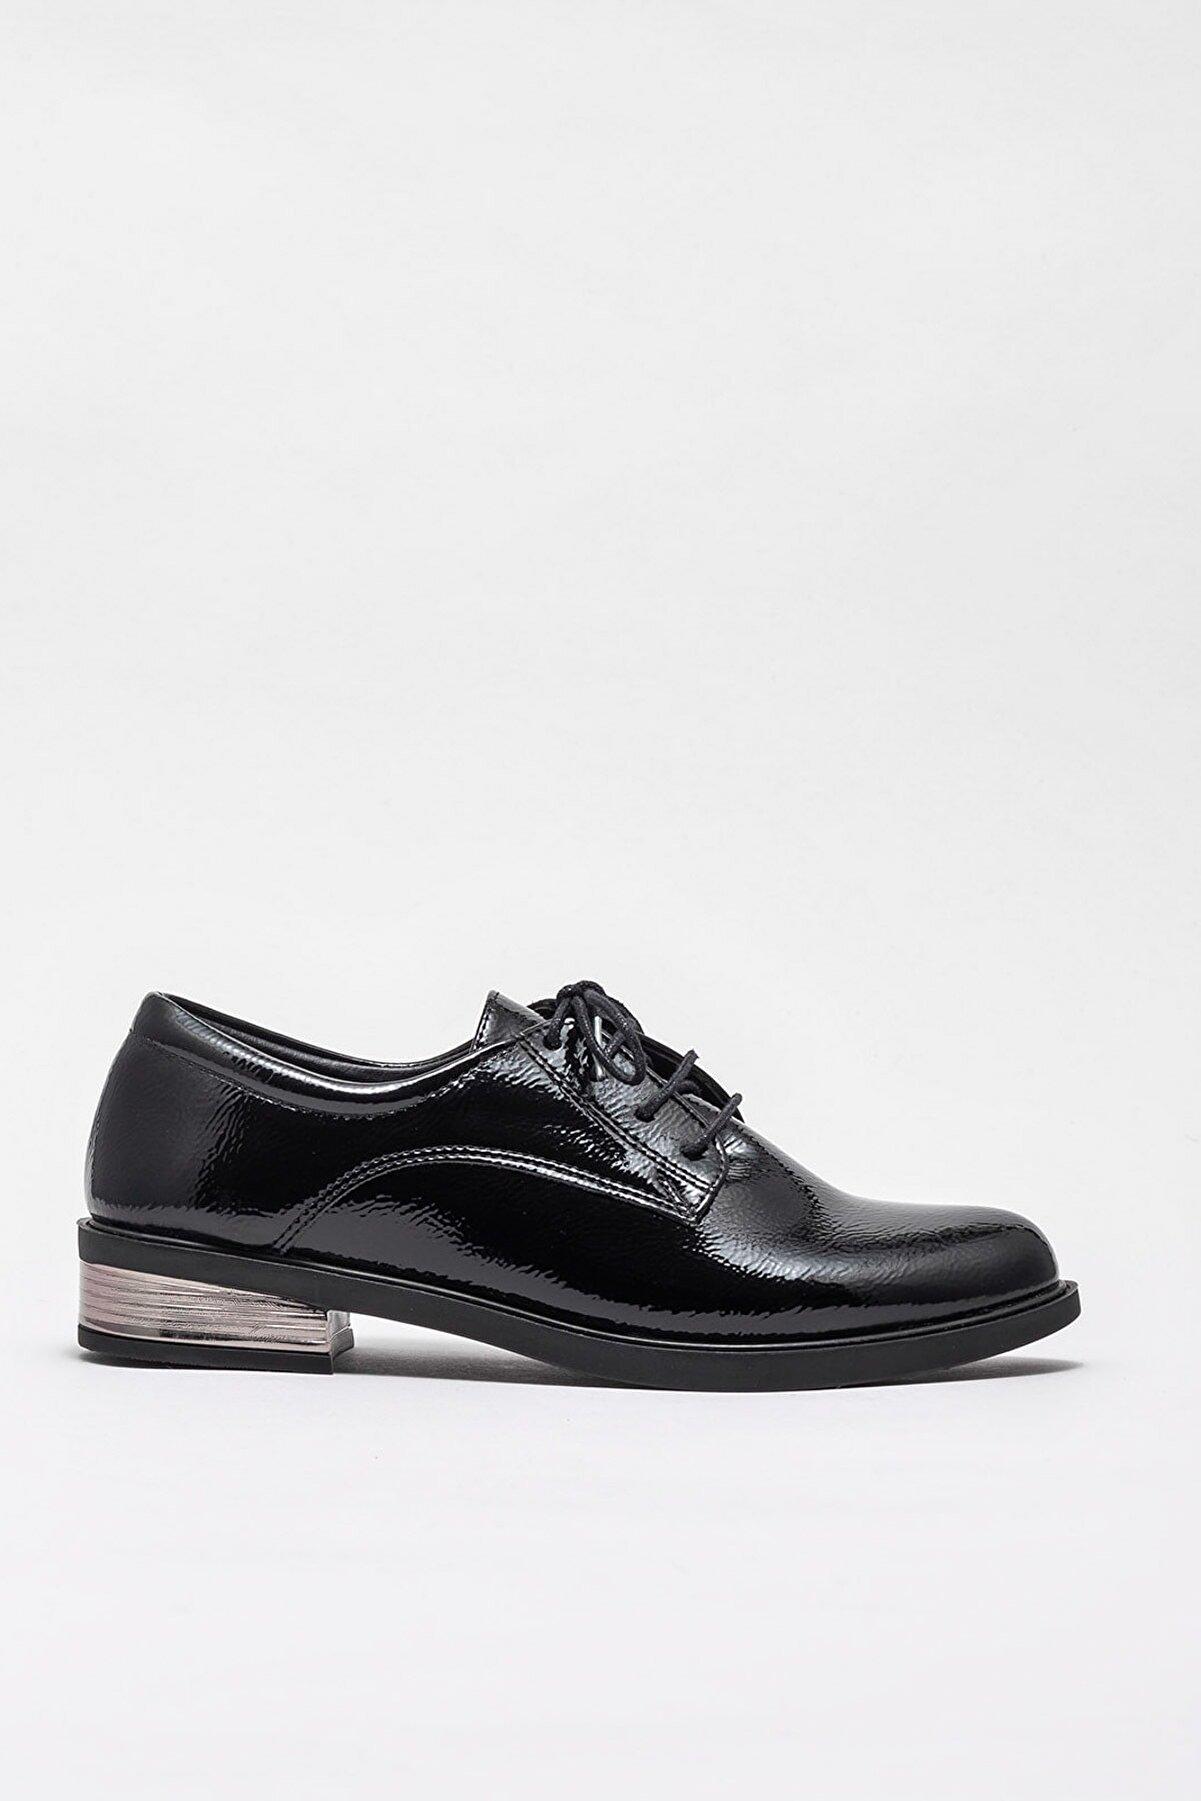 Elle Kadın Casual Ayakkabı Dayner 20KAY4